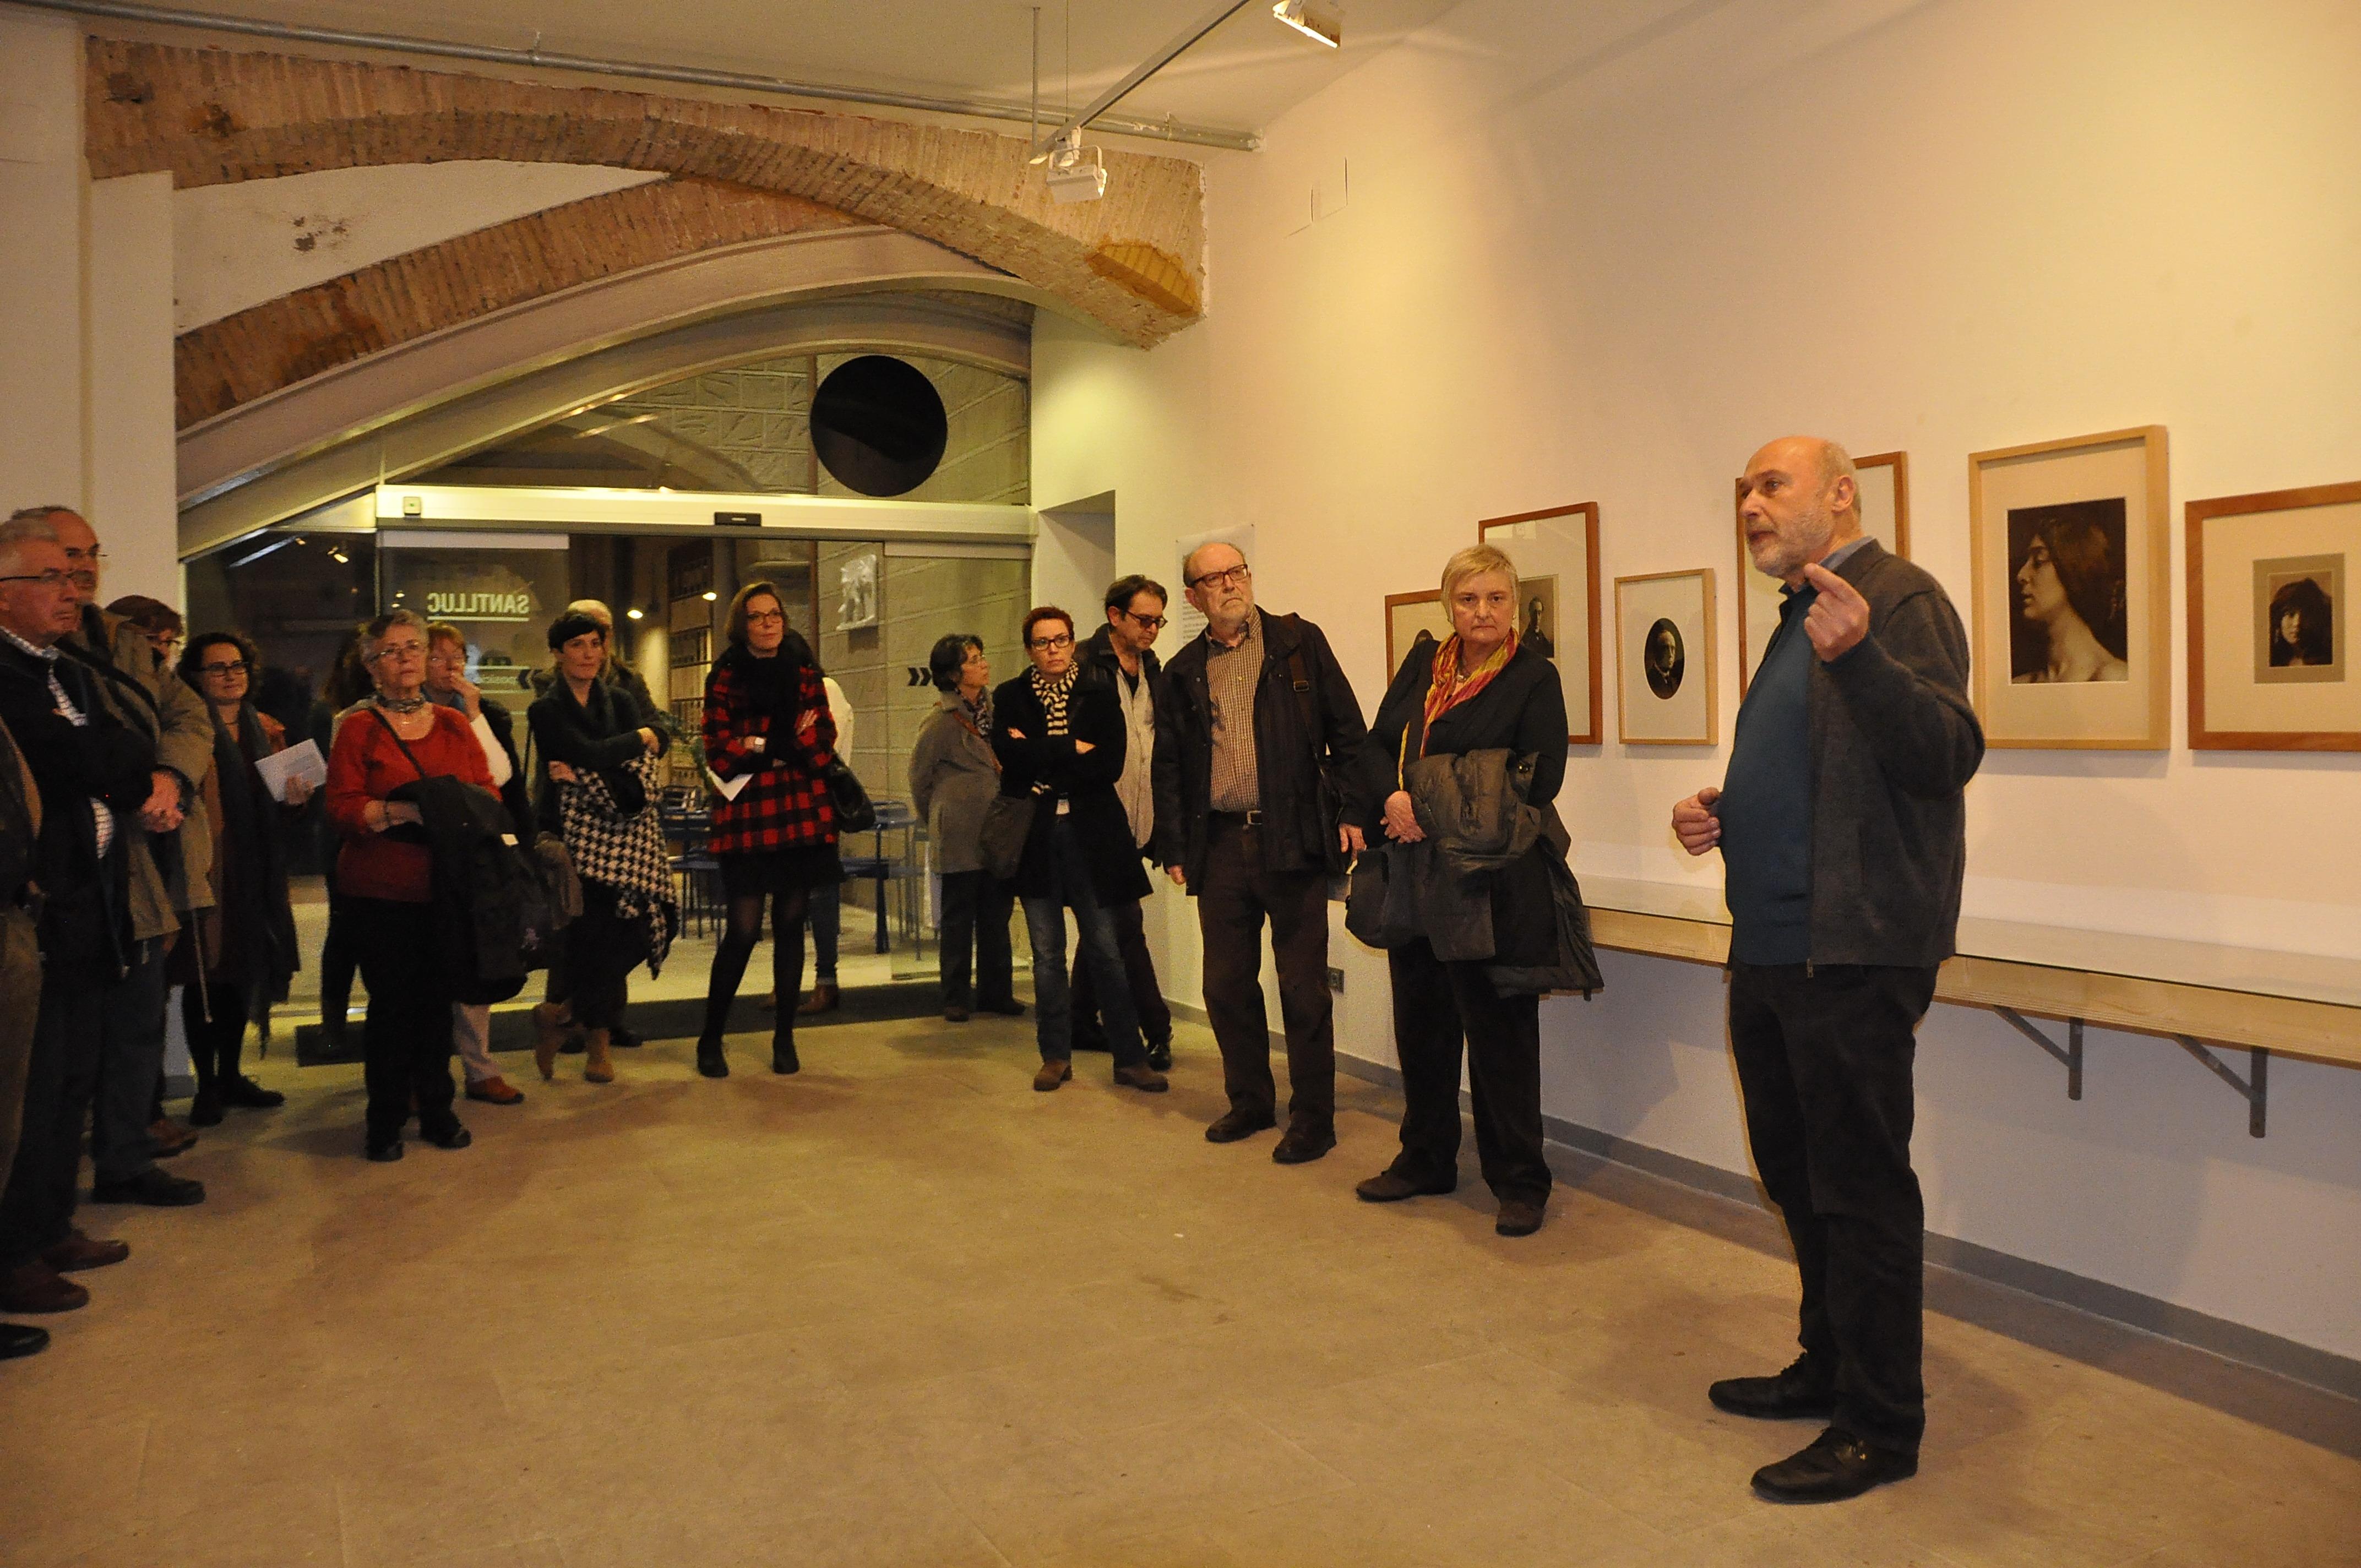 Inauguració exposició Joan Vilatobà. Fotografies. La col·lecció del Museu d'Art de Sabadell. 15/12/15